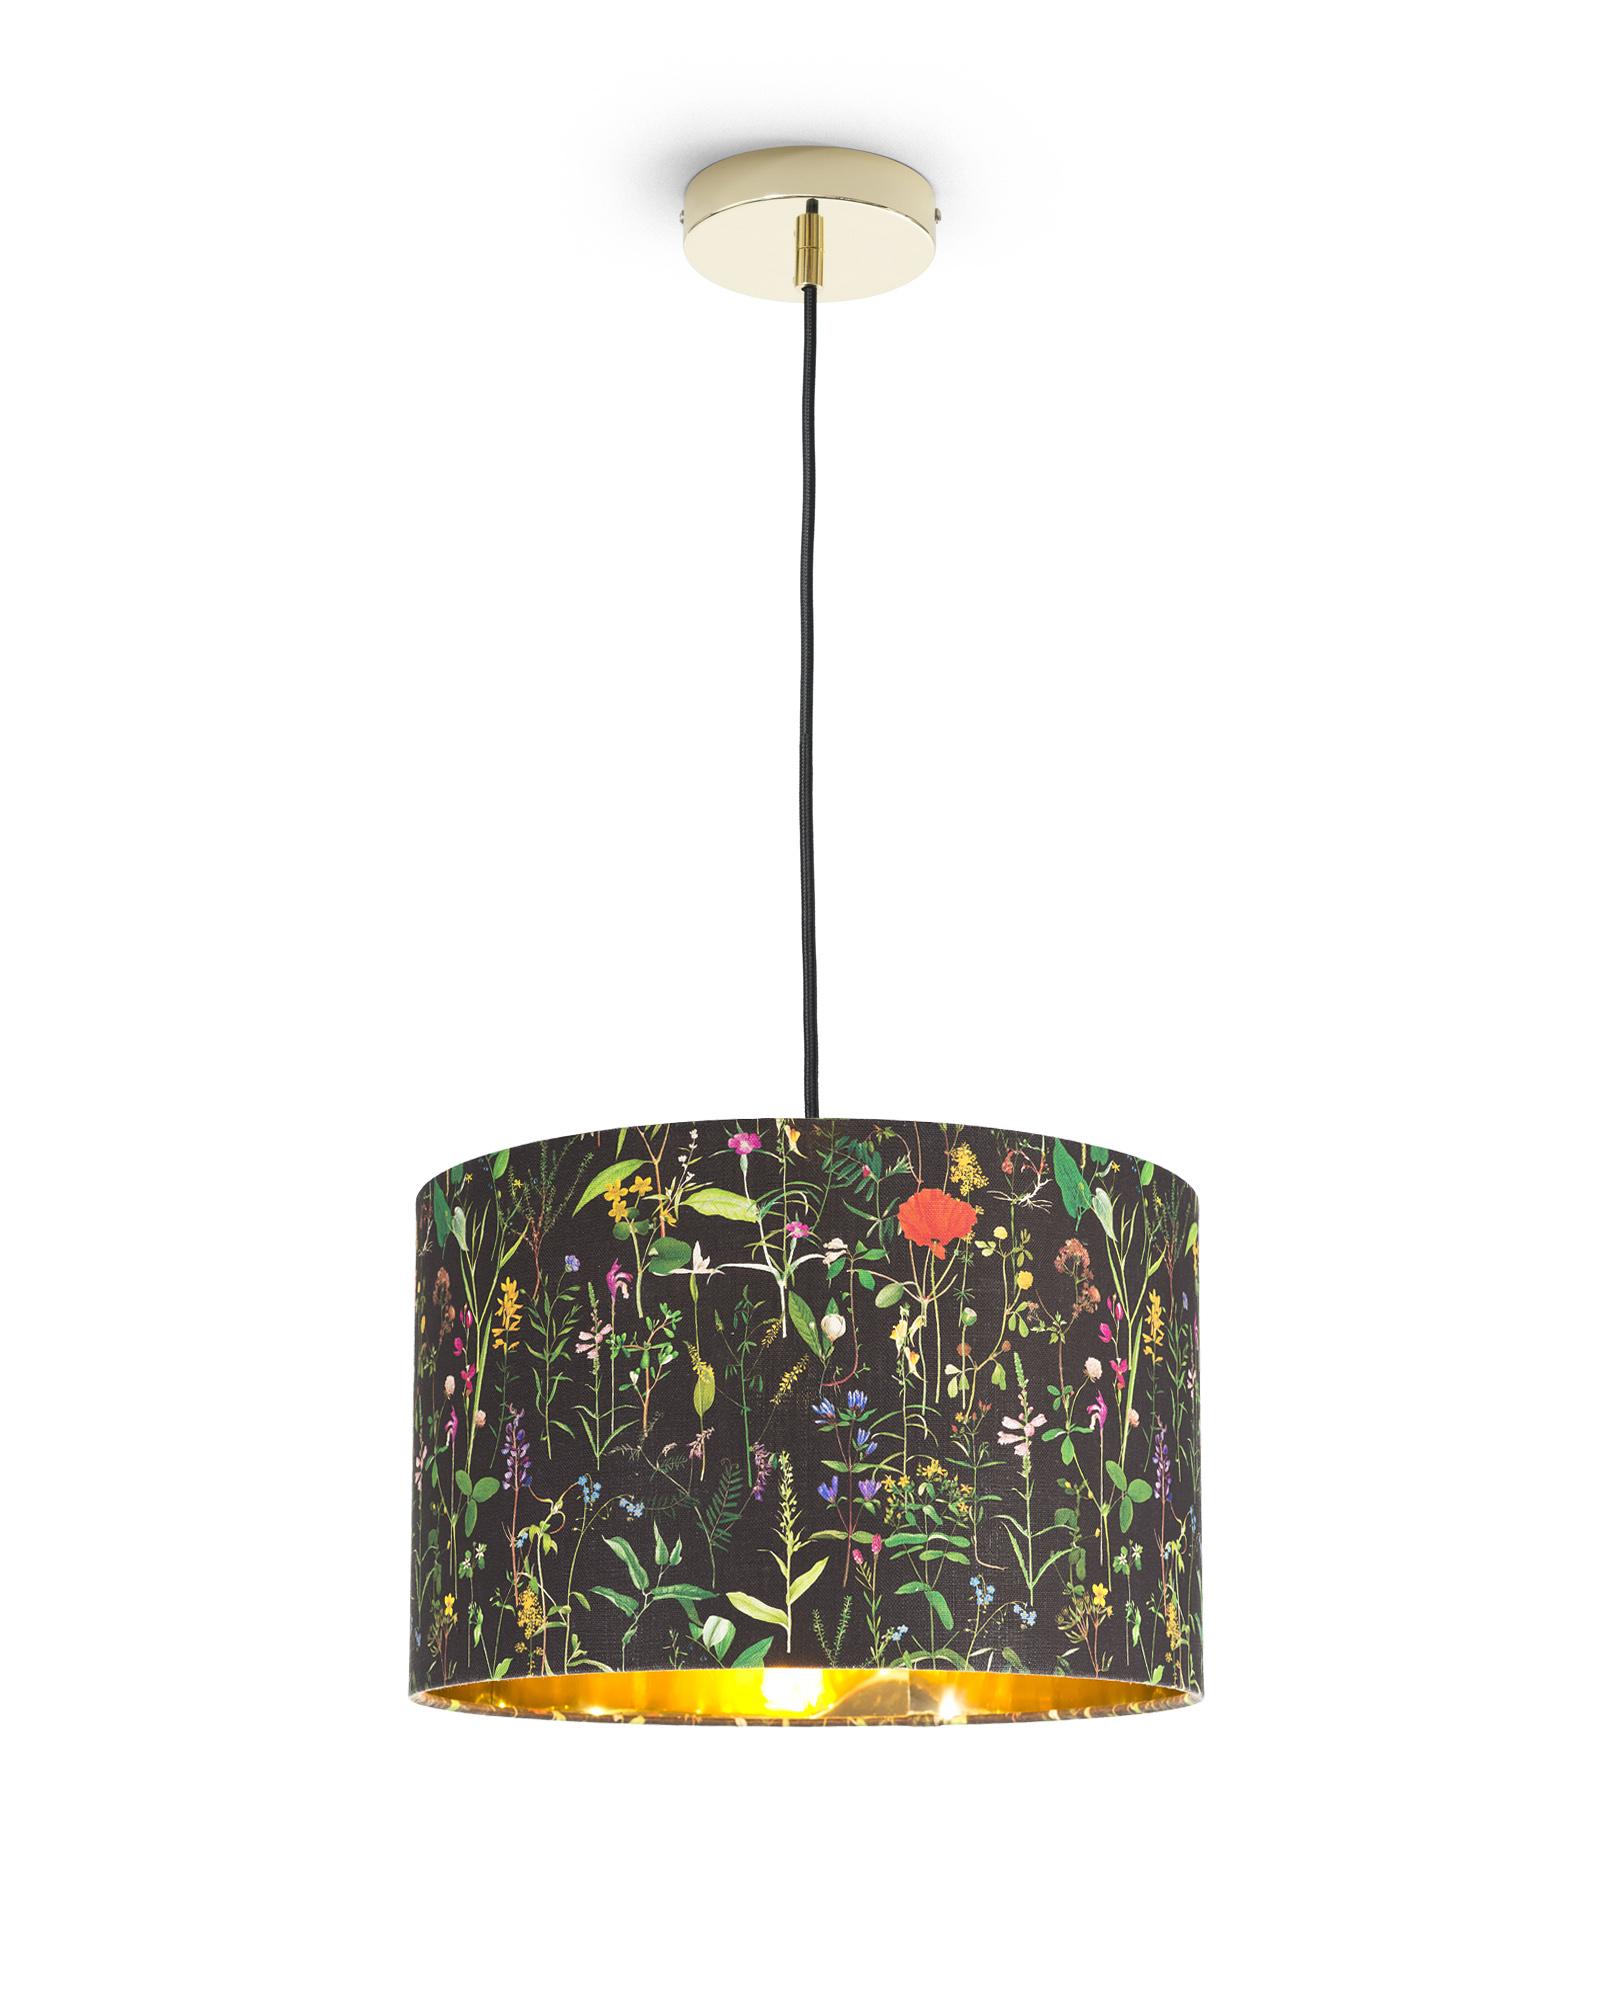 AQUAFLEUR Anthracite Pendant Lamp 55cm x 30cm